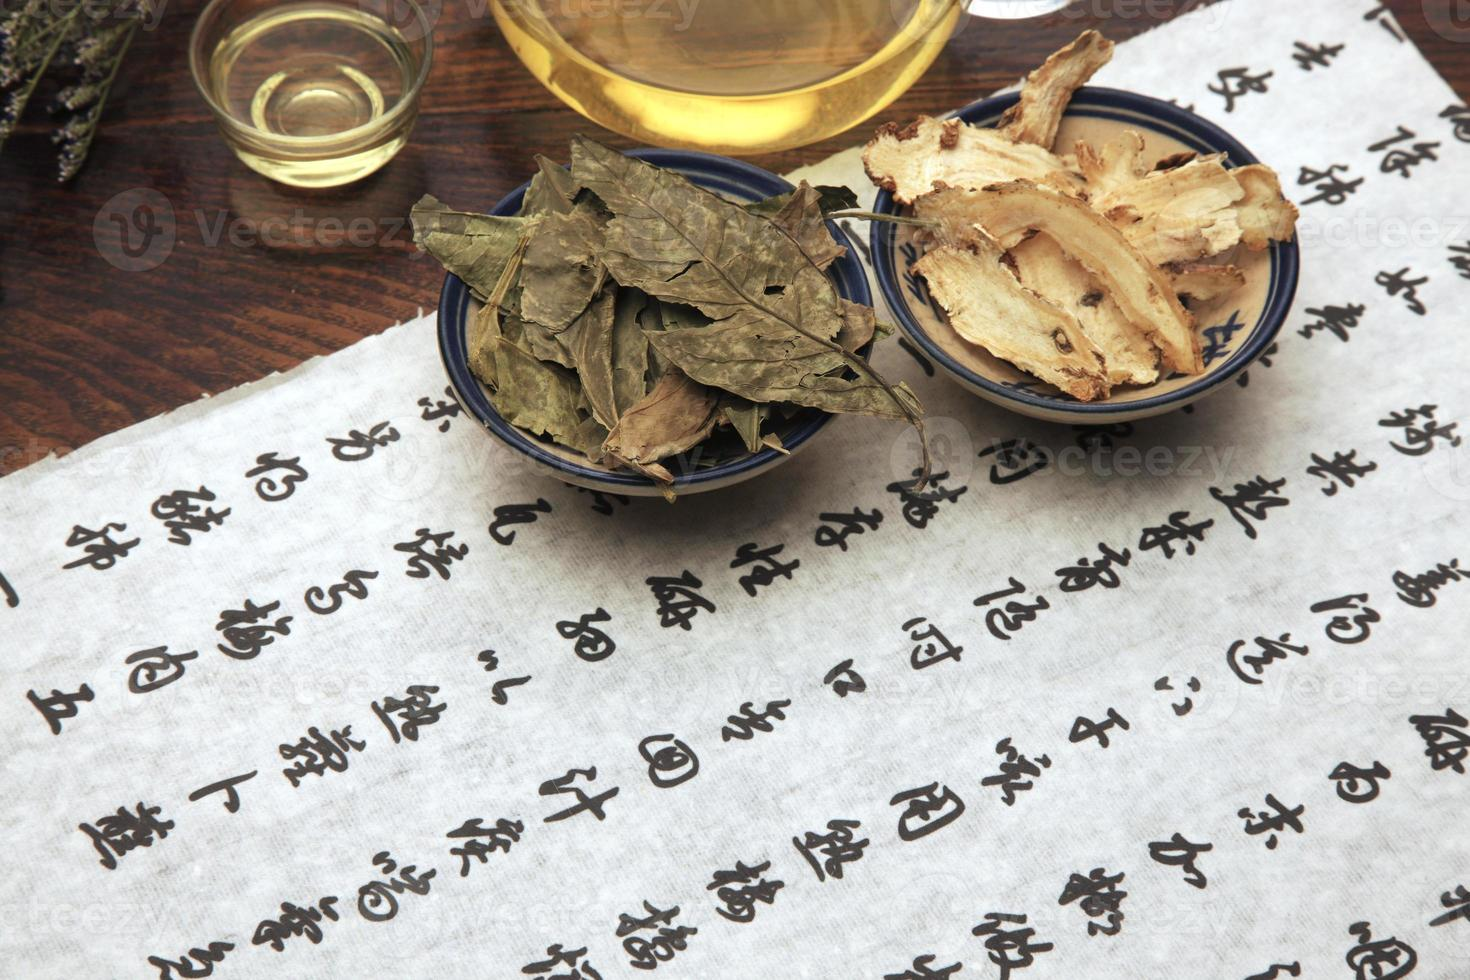 medicina herbaria china y juego de té foto